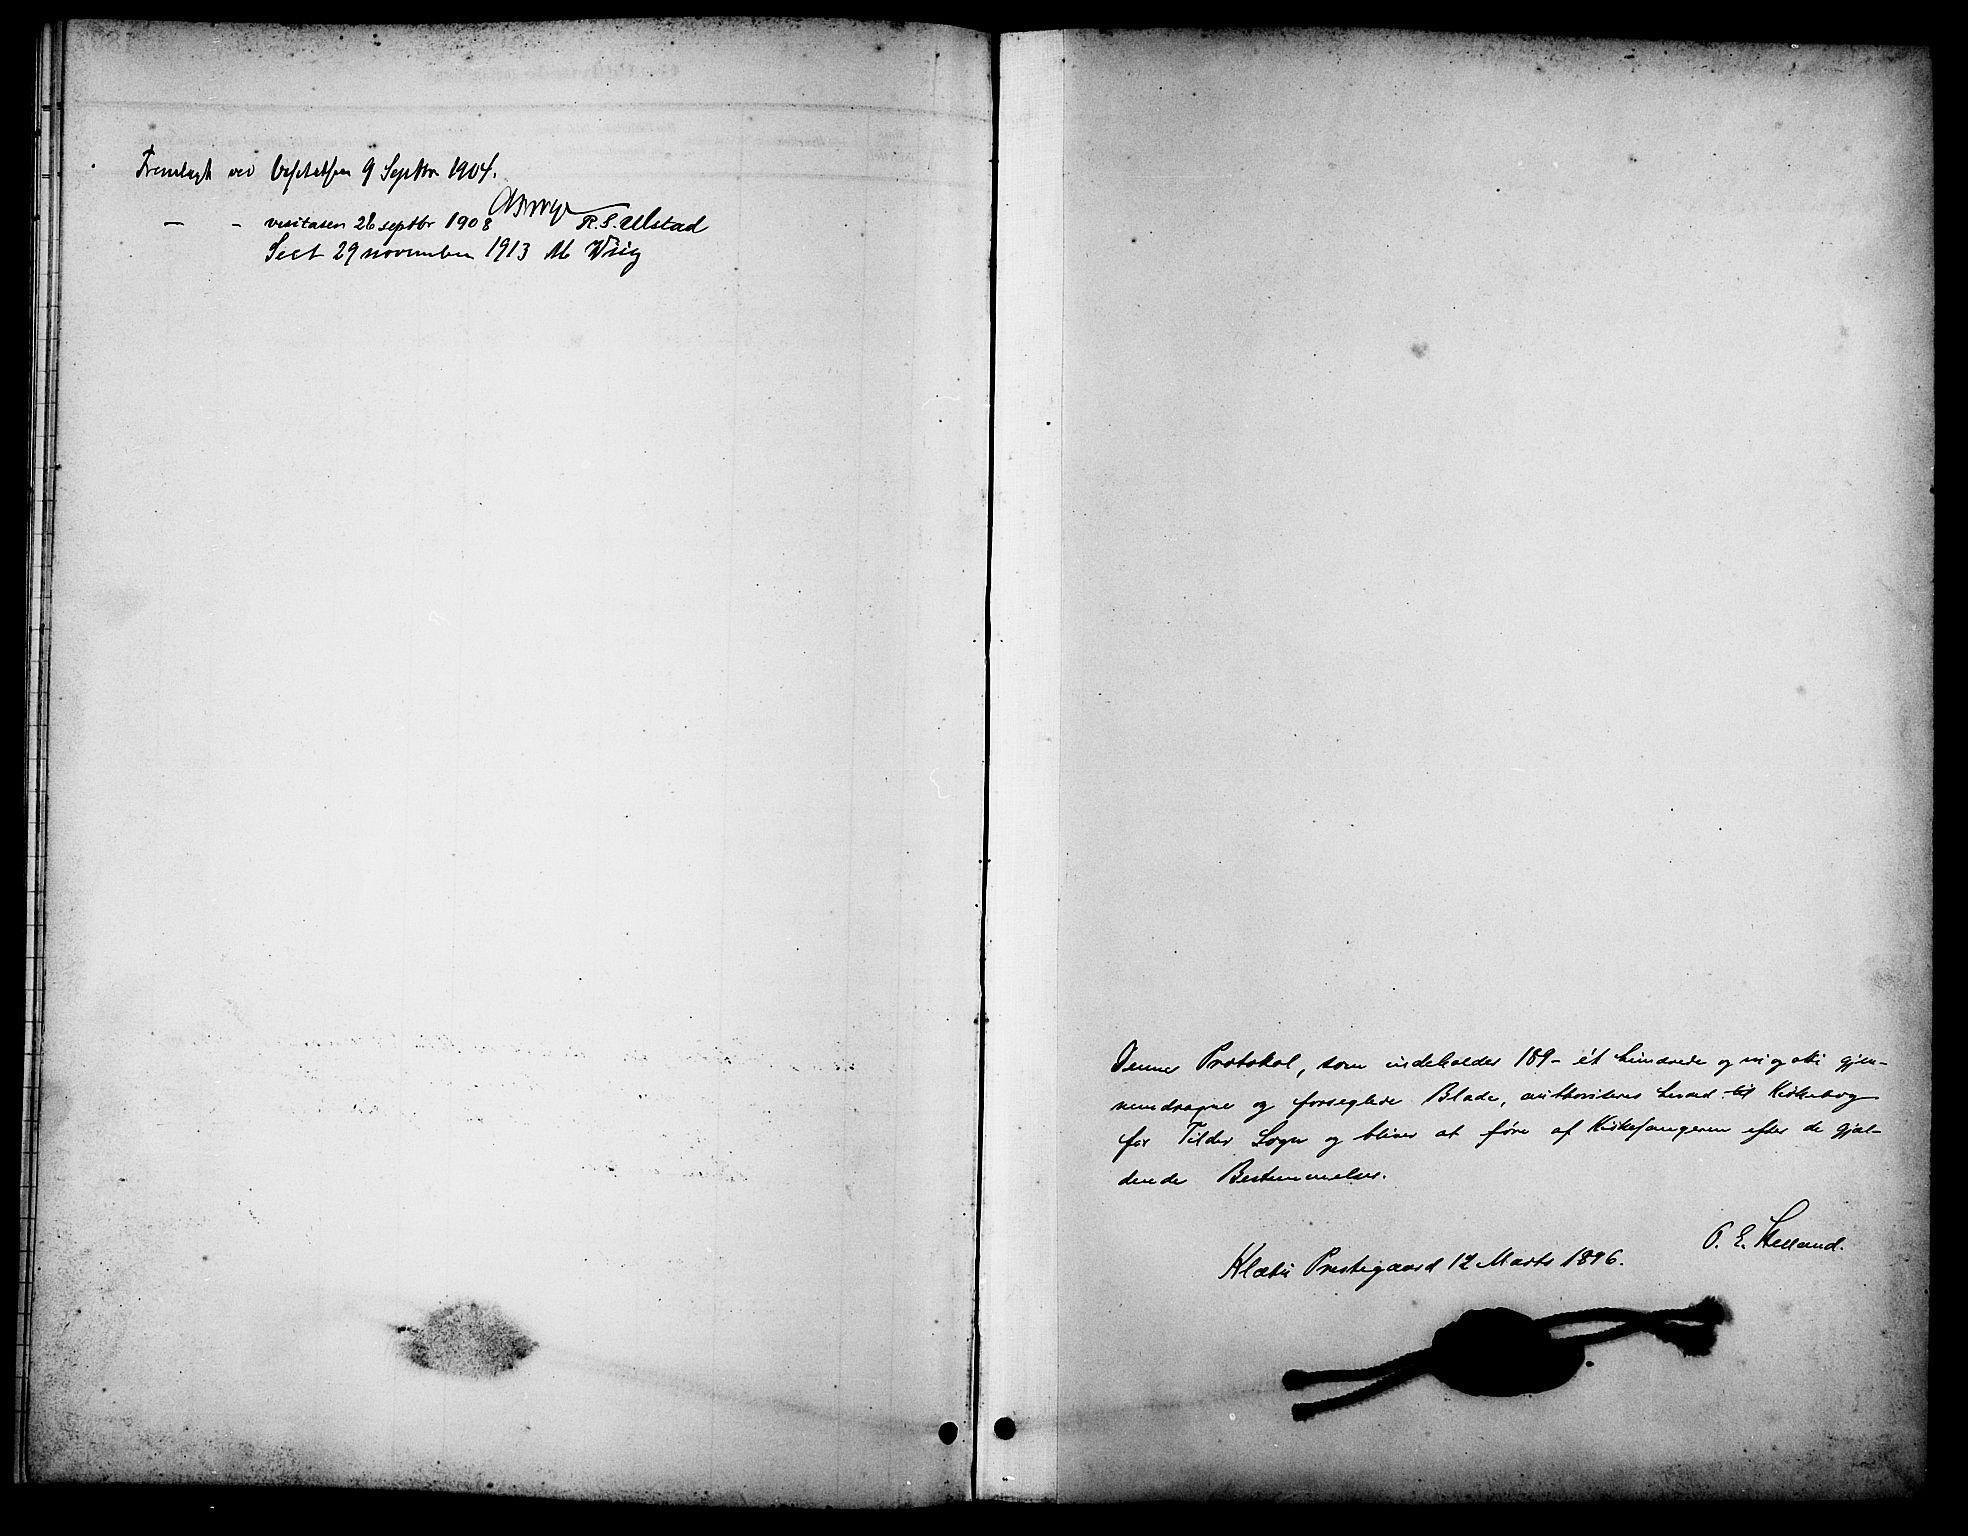 SAT, Ministerialprotokoller, klokkerbøker og fødselsregistre - Sør-Trøndelag, 621/L0460: Klokkerbok nr. 621C03, 1896-1914